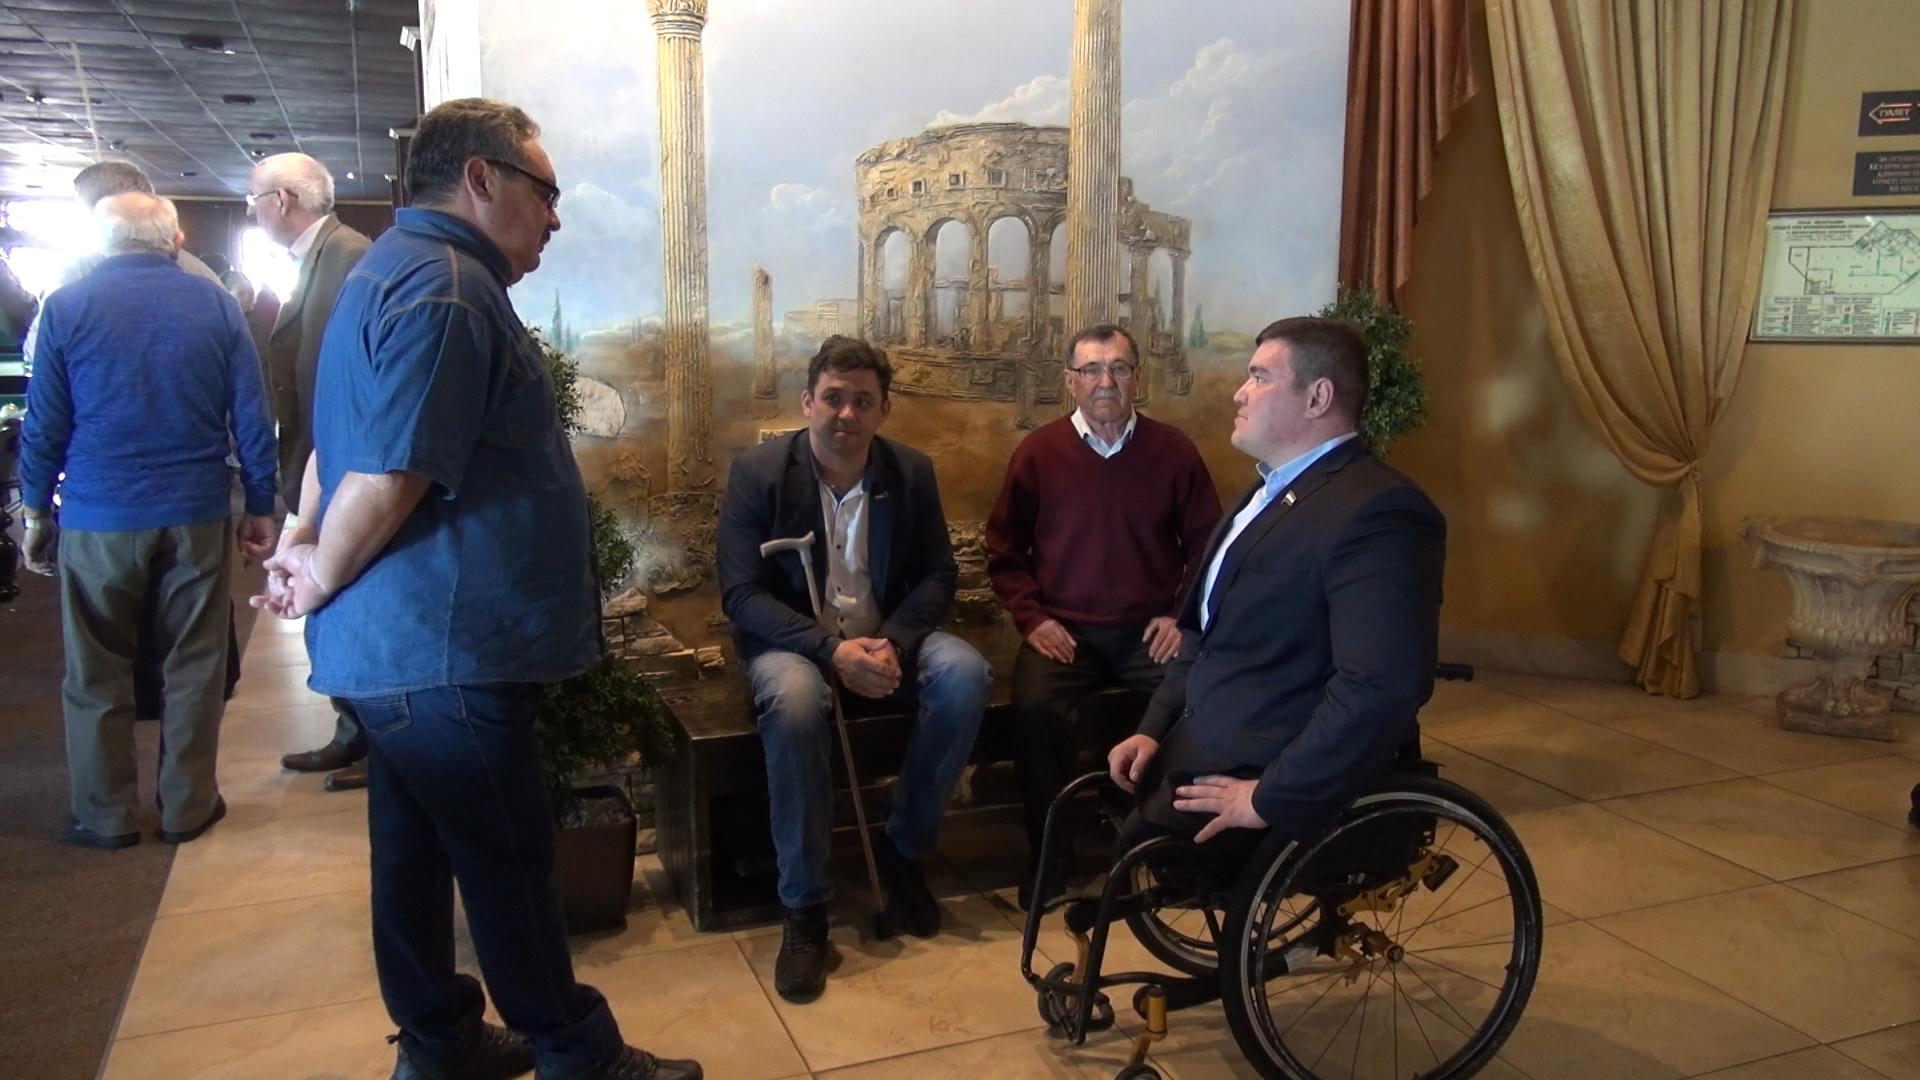 Башкирии знакомства среди инвалидов